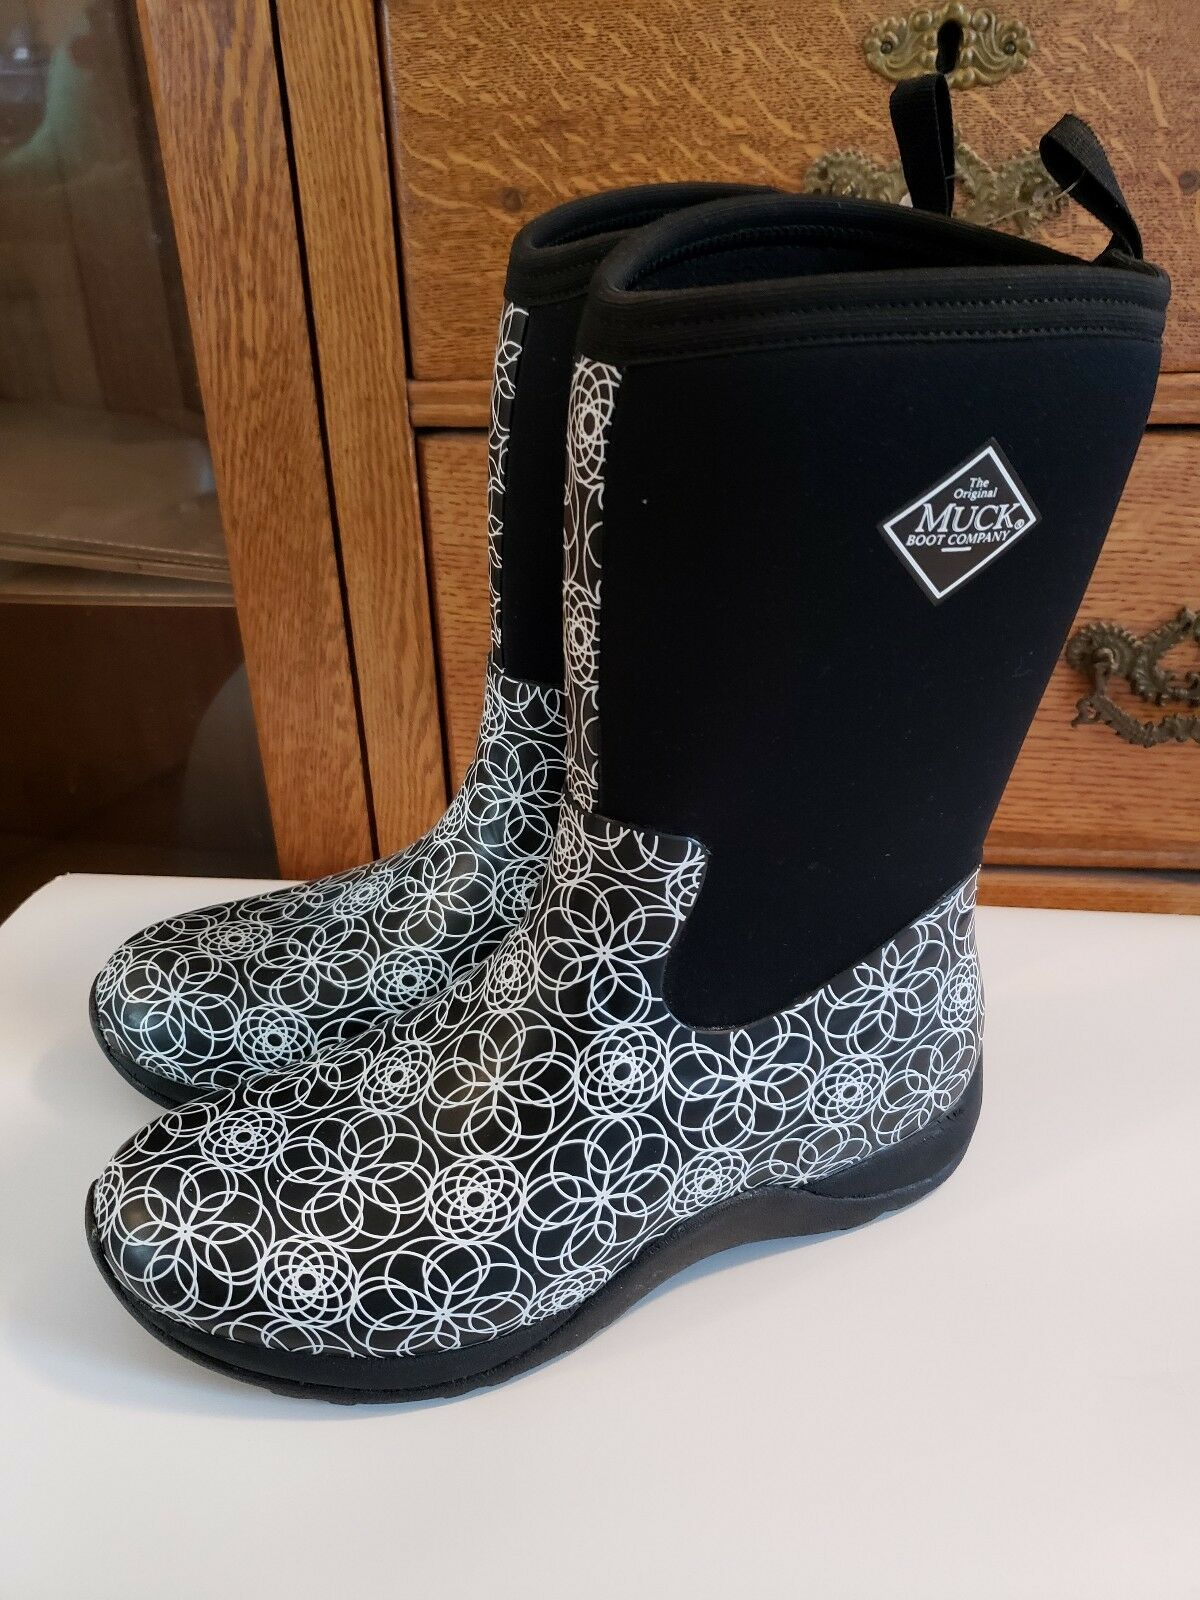 Nuevo sin etiquetas para mujer de fin de de de semana Impermeable Negro blancoo Ártico Muck botas Swirl Print Sz 11  la red entera más baja